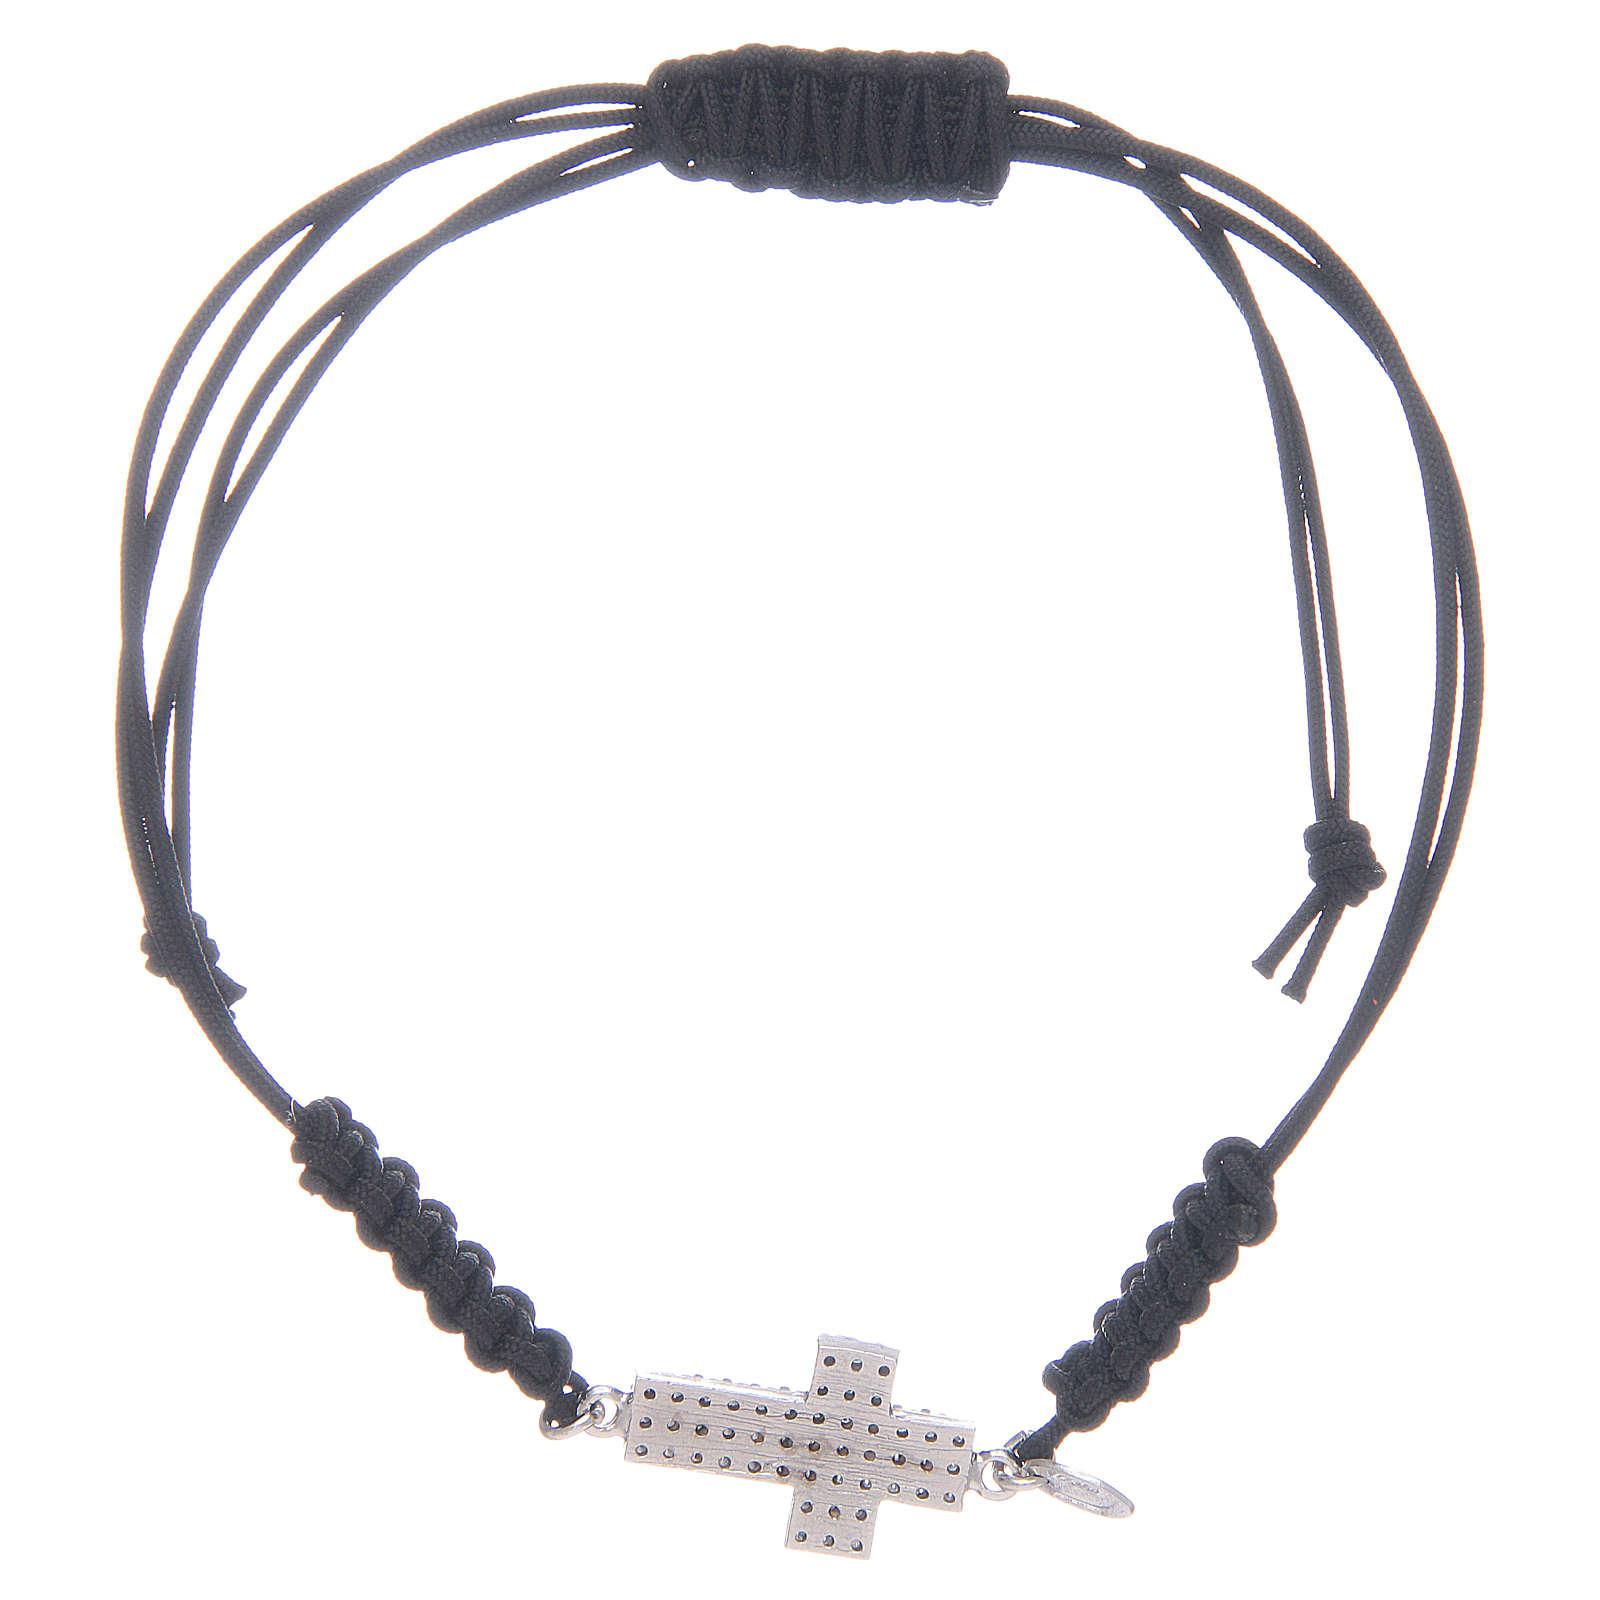 Bracciale cordino in argento 925 con zirconi neri 4